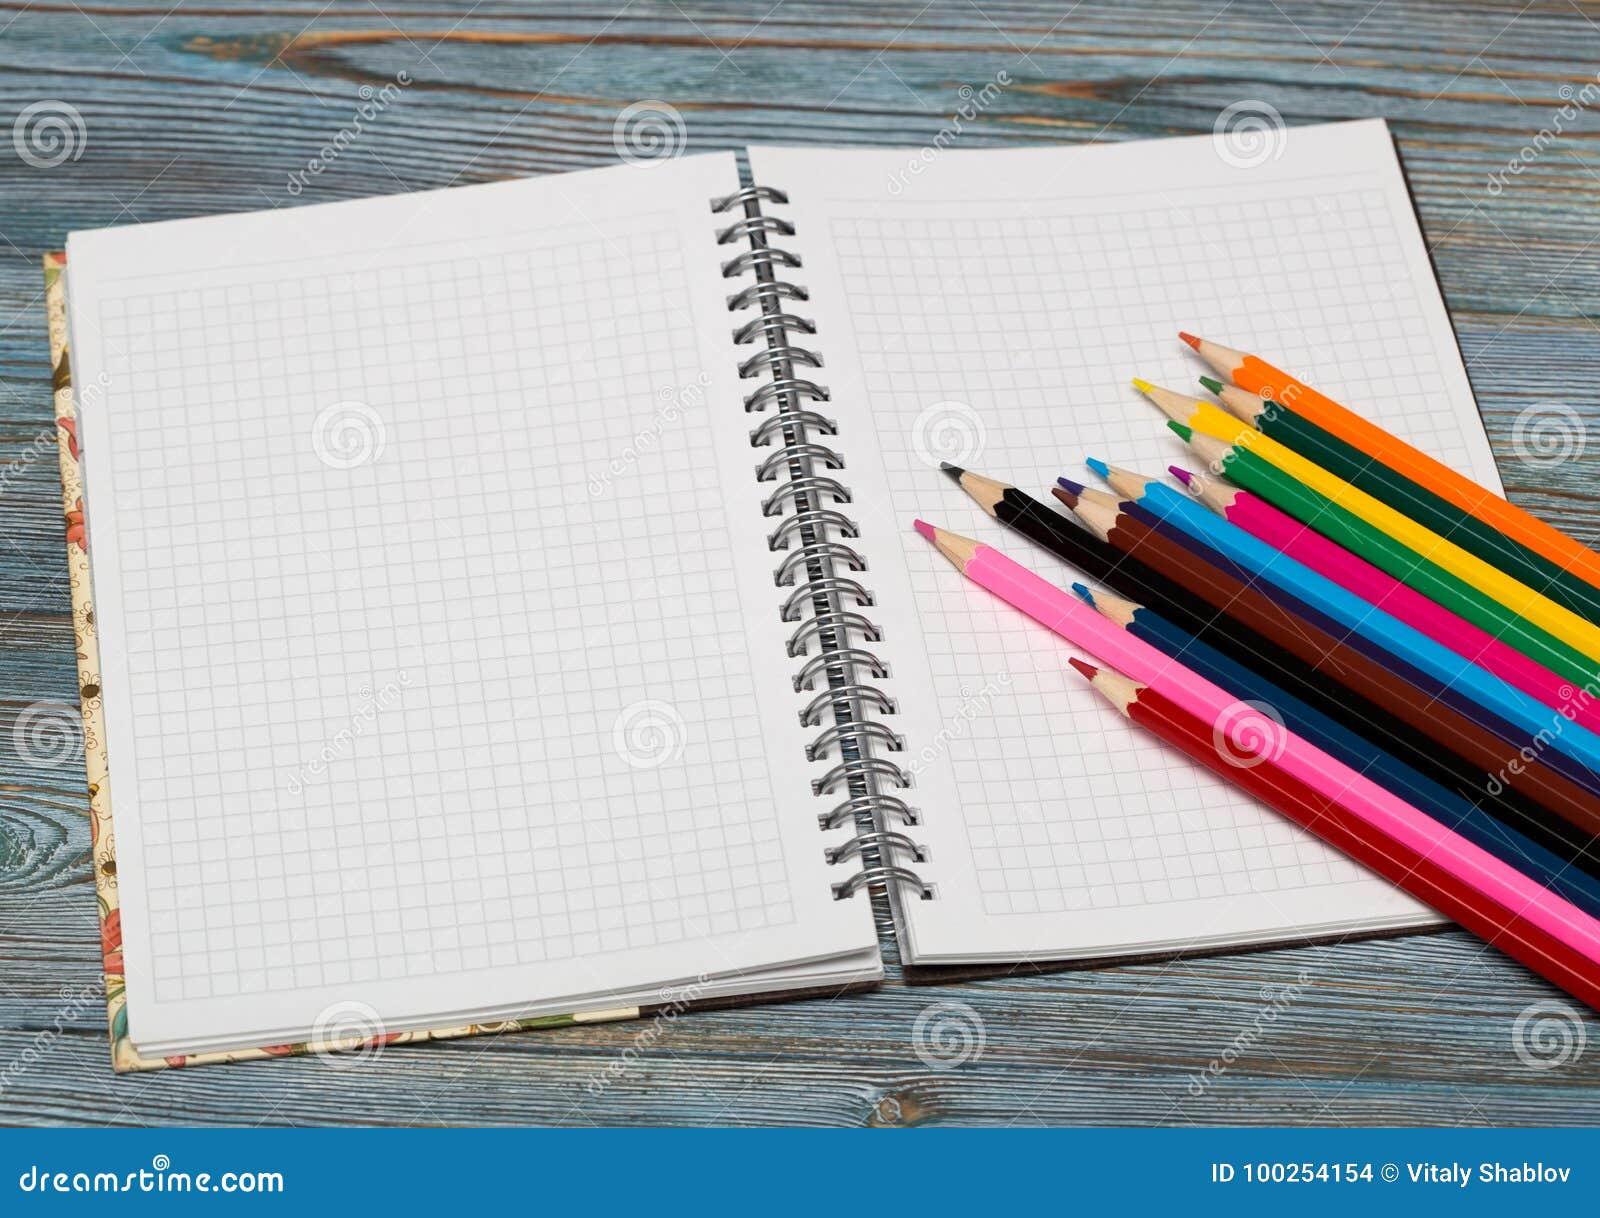 μολύβια Σχεδιασμός με ένα μολύβι σύρετε την εκμάθηση